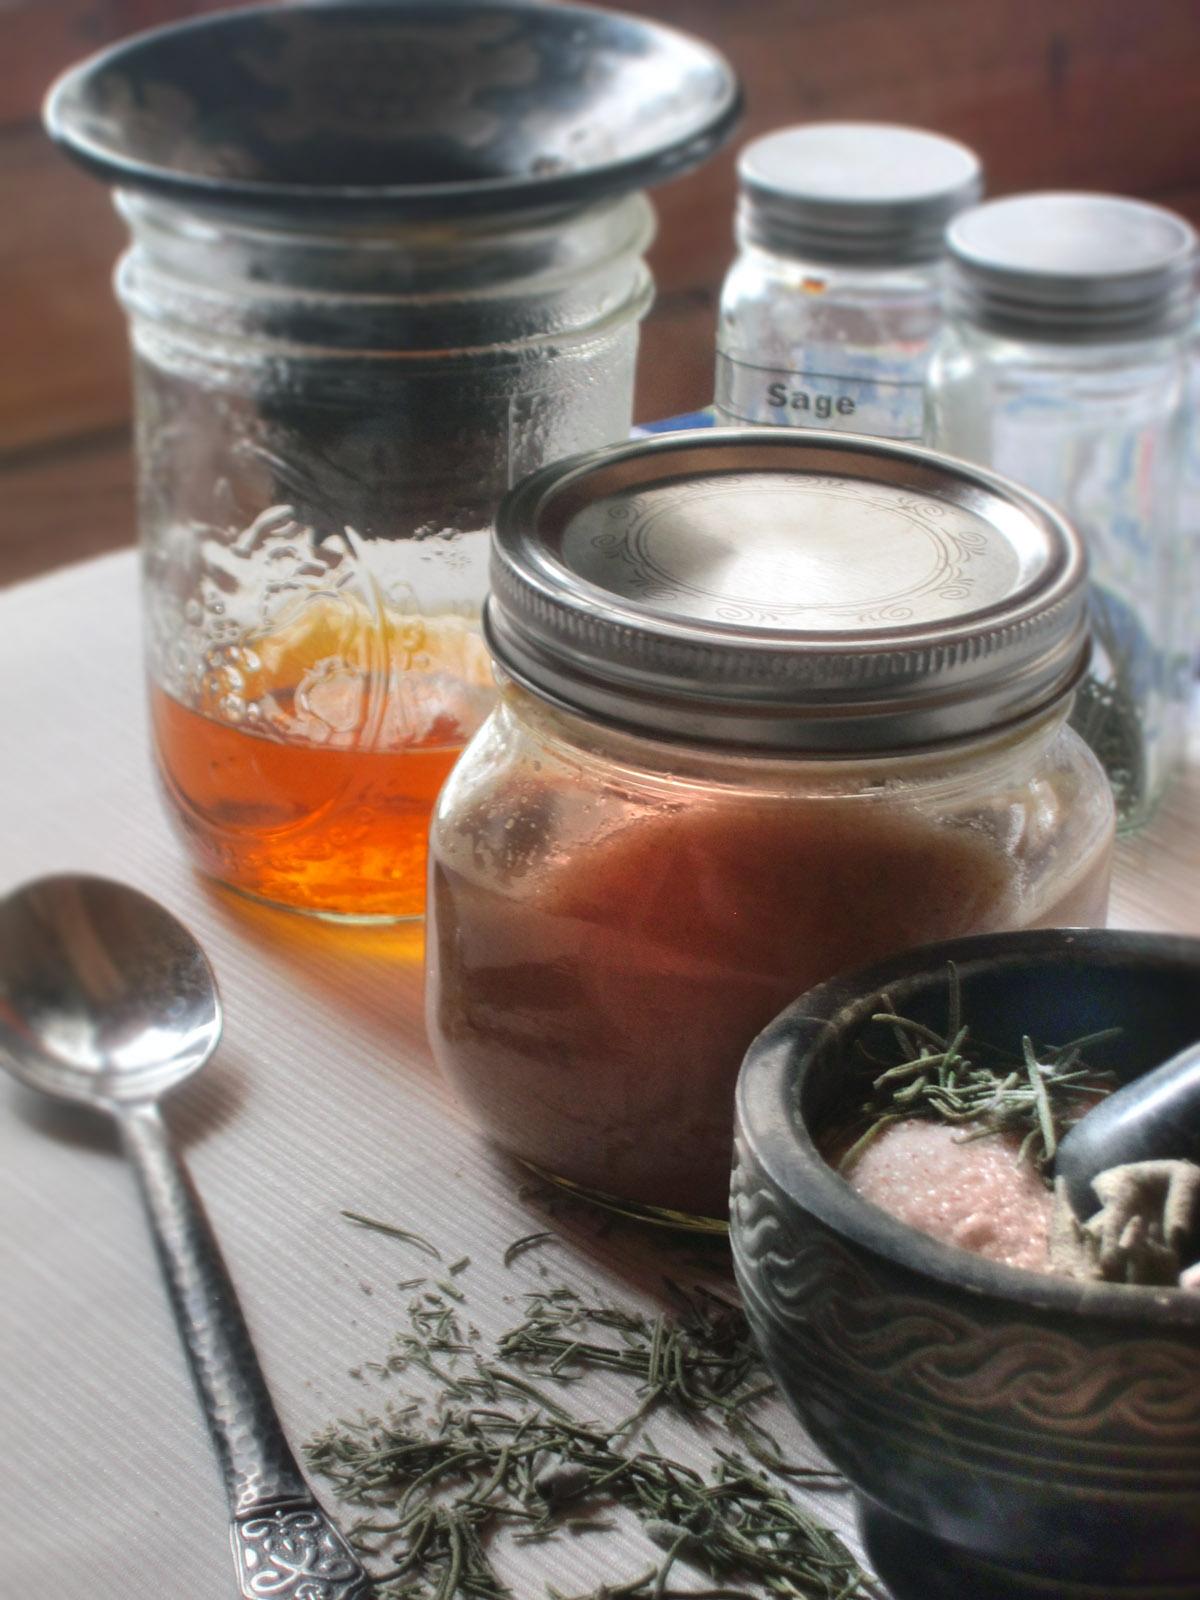 Salt Scrub - Jars and ingredients